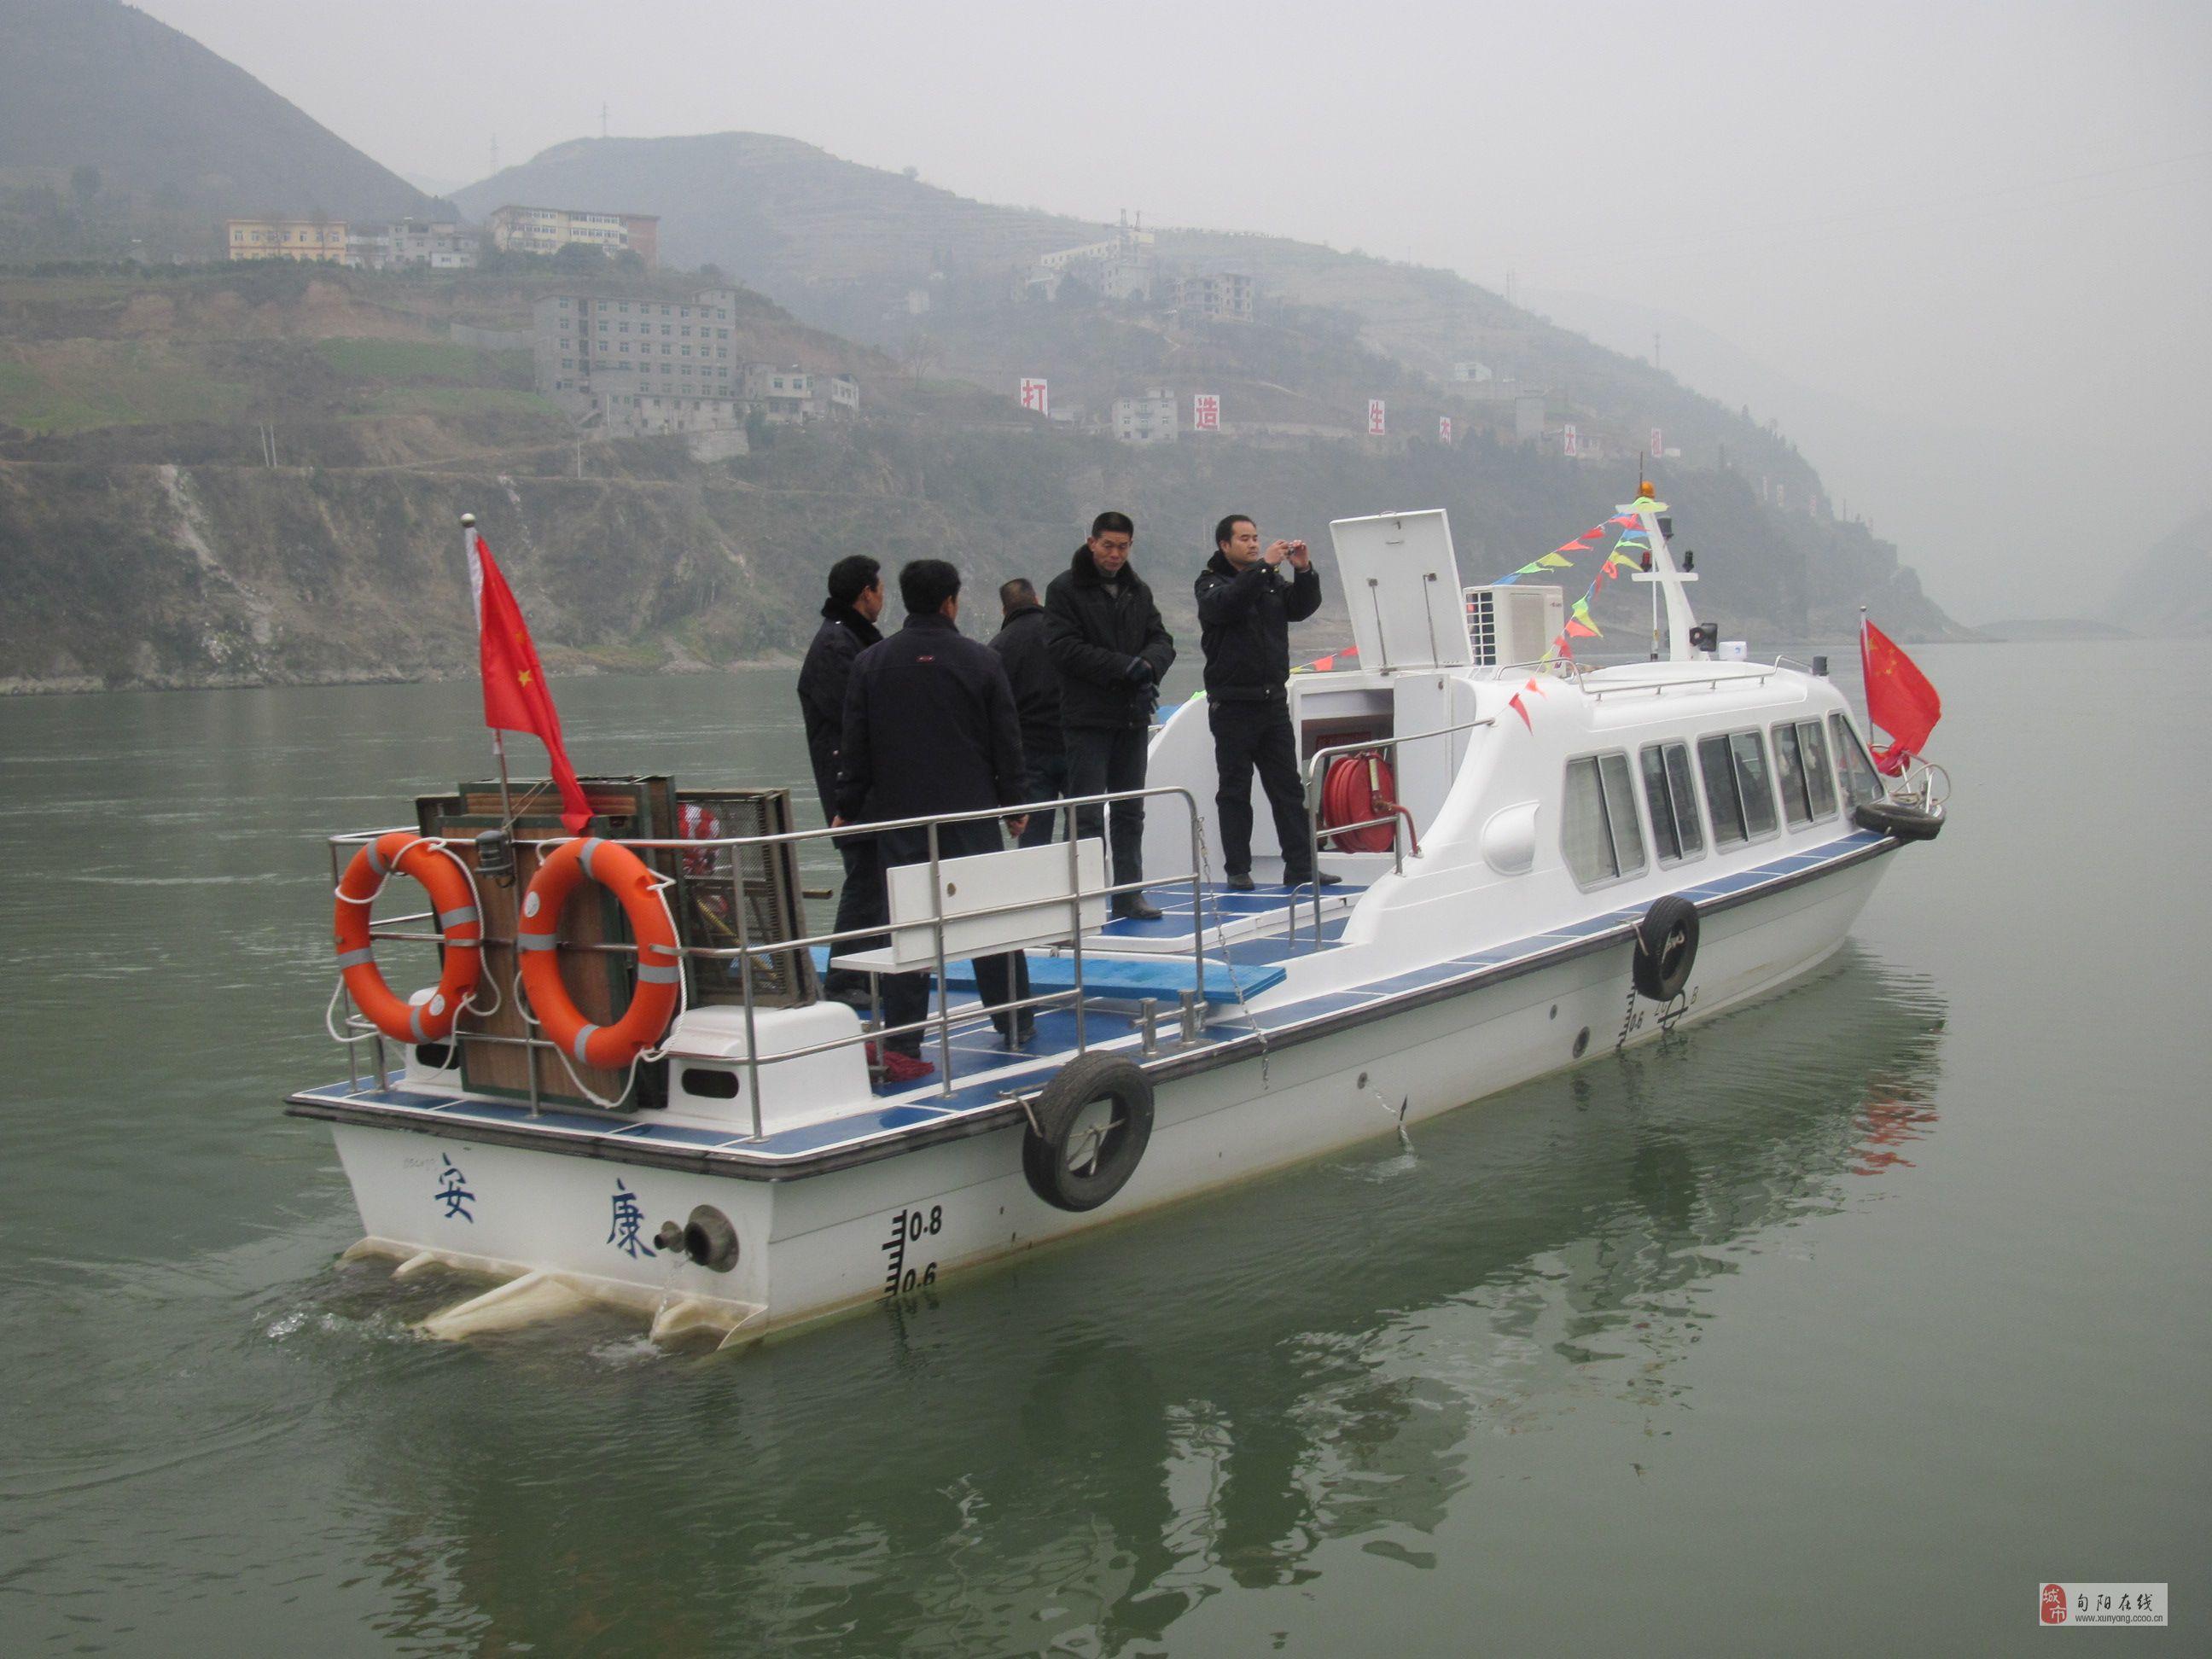 旬阳县水陆运输公司高速旅游快客船今日正式对外包游